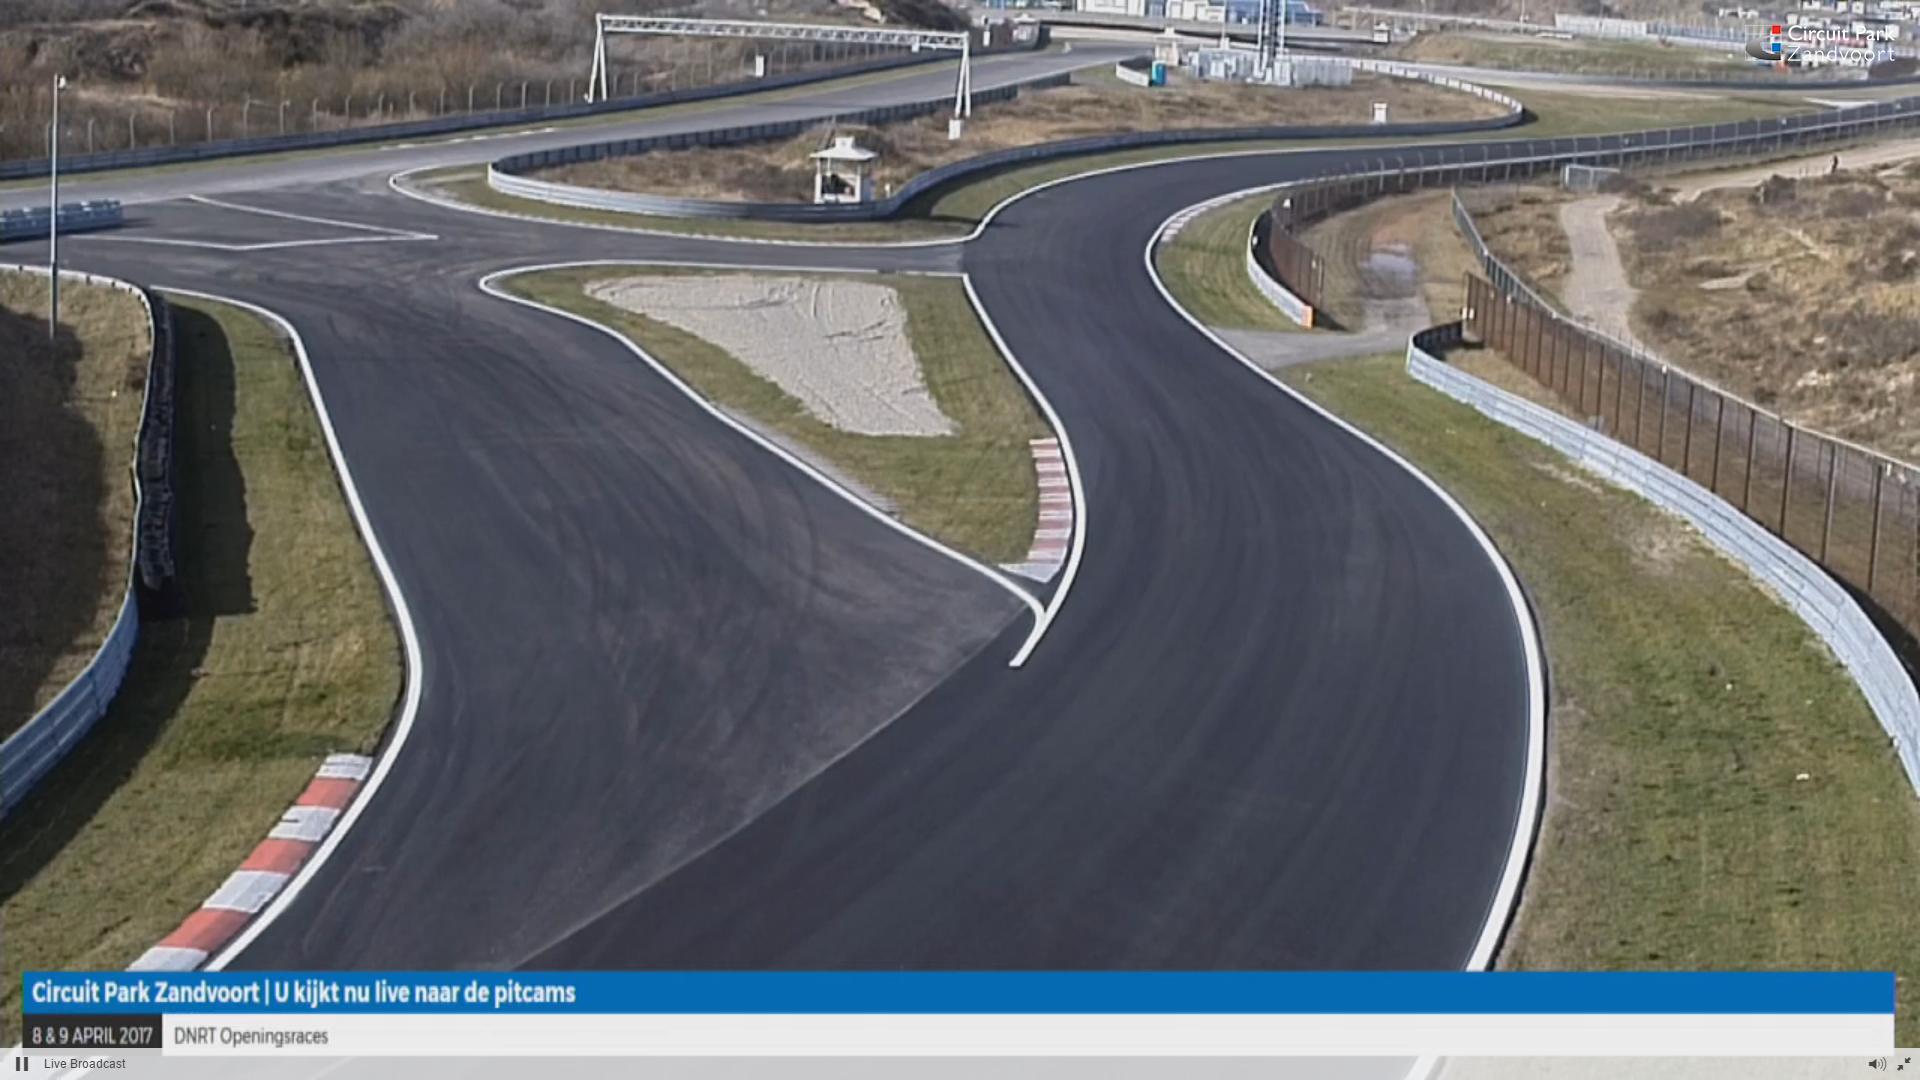 Circuito Zandvoort : Nieuw asfalt voor circuit park zandvoort topgear